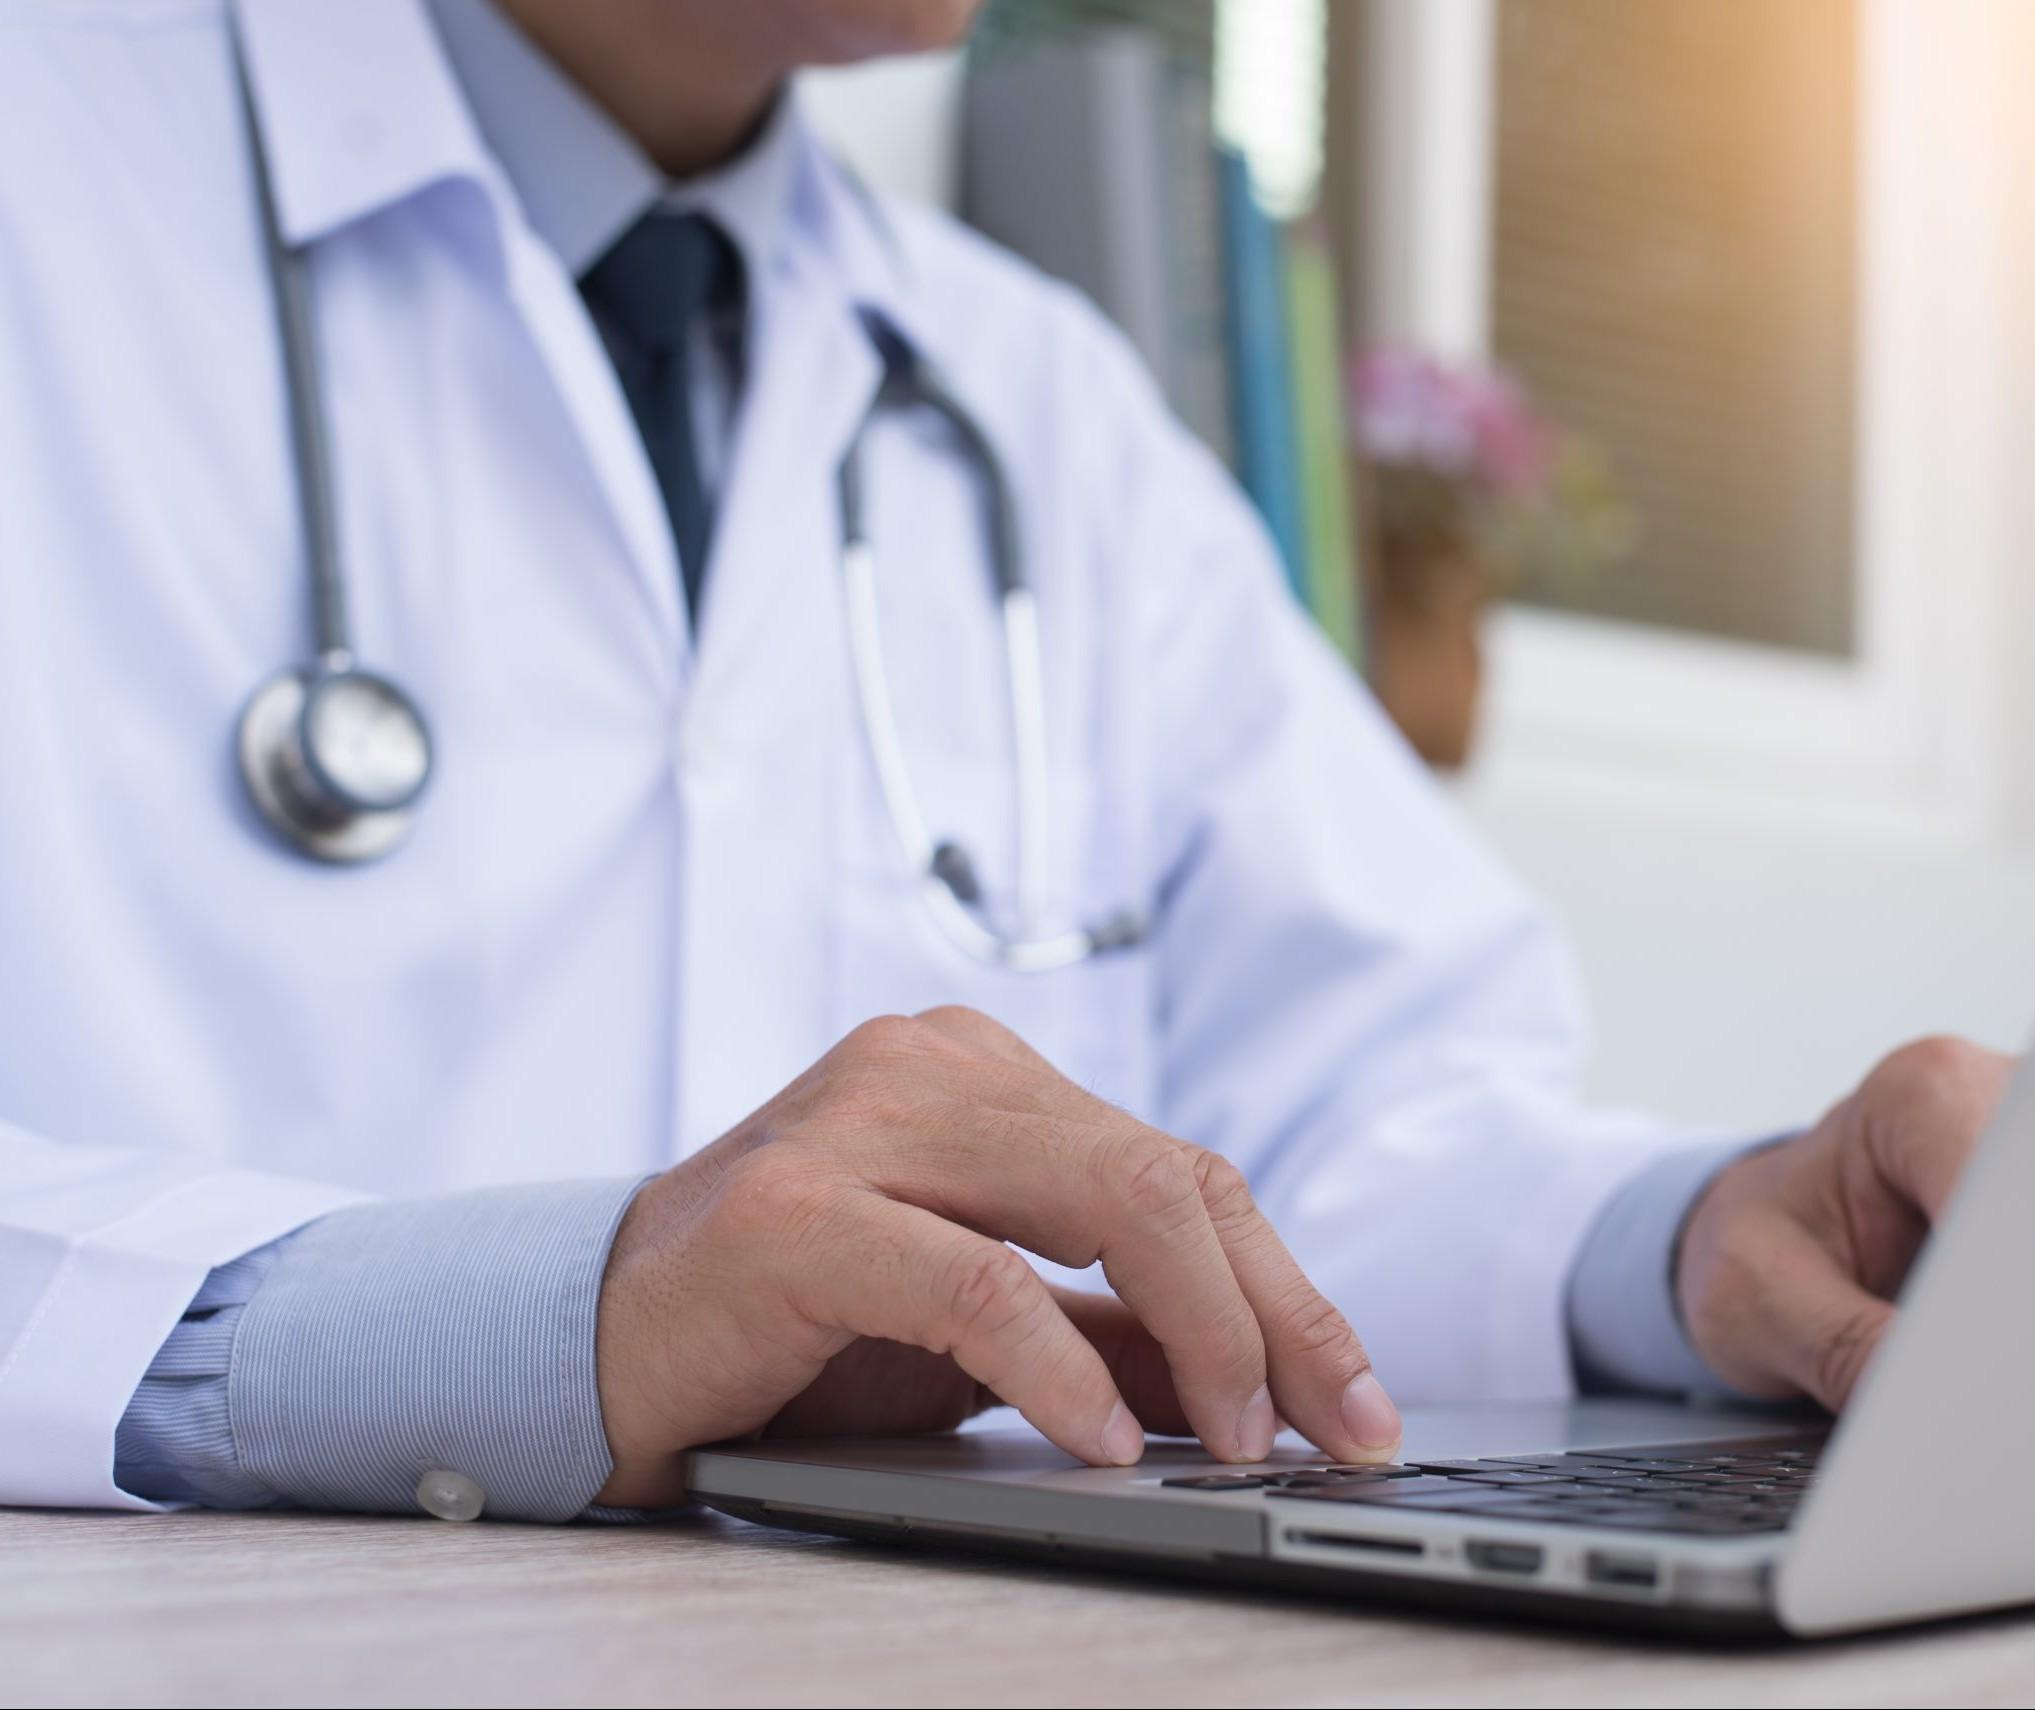 Plataformas de agendamento médico oferecem serviços de graça durante a pandemia